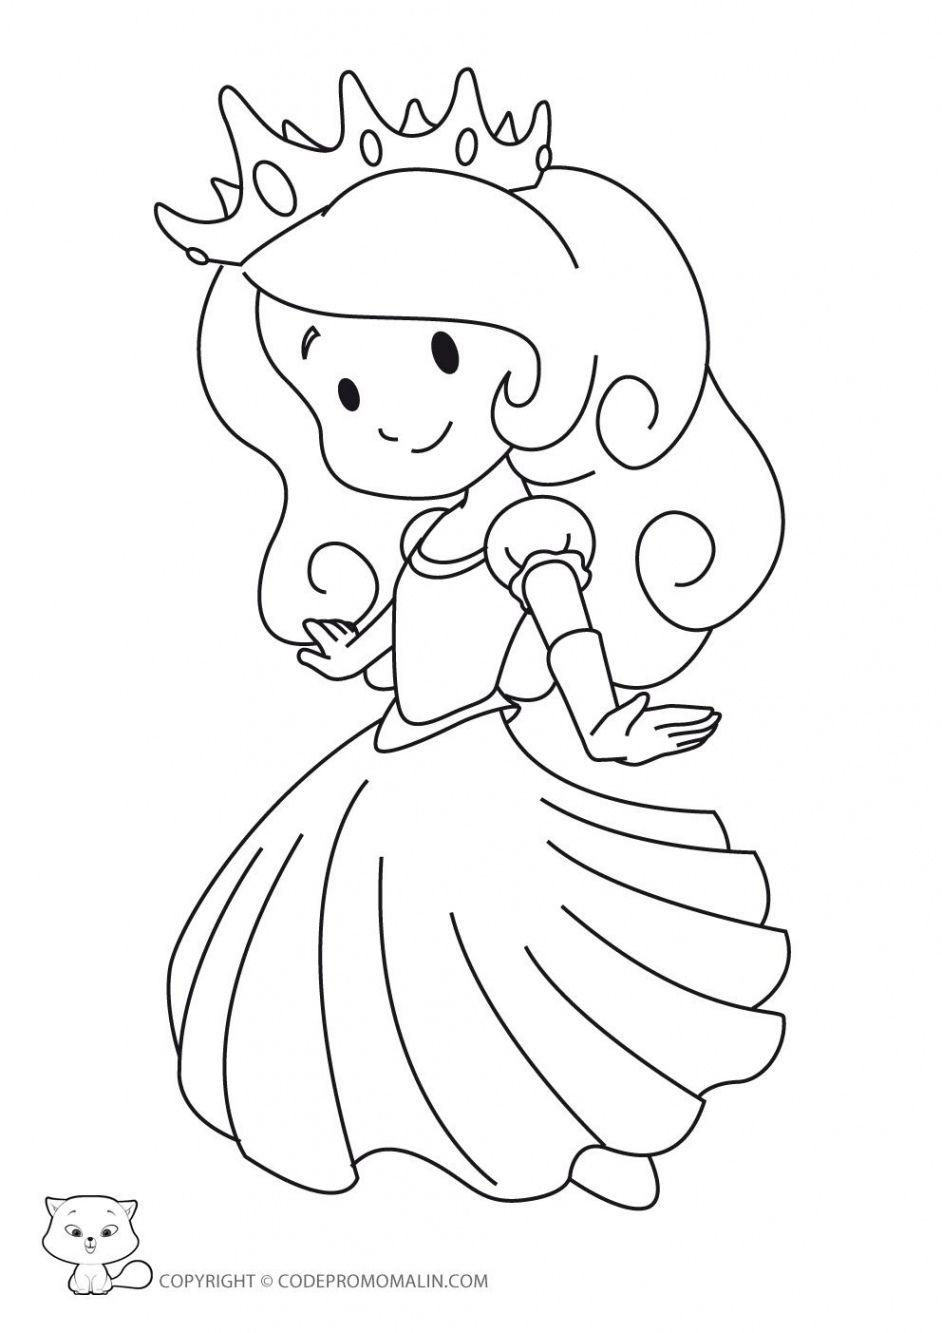 Coloriage Princesse à Colorier Dessin à Imprimer Stann